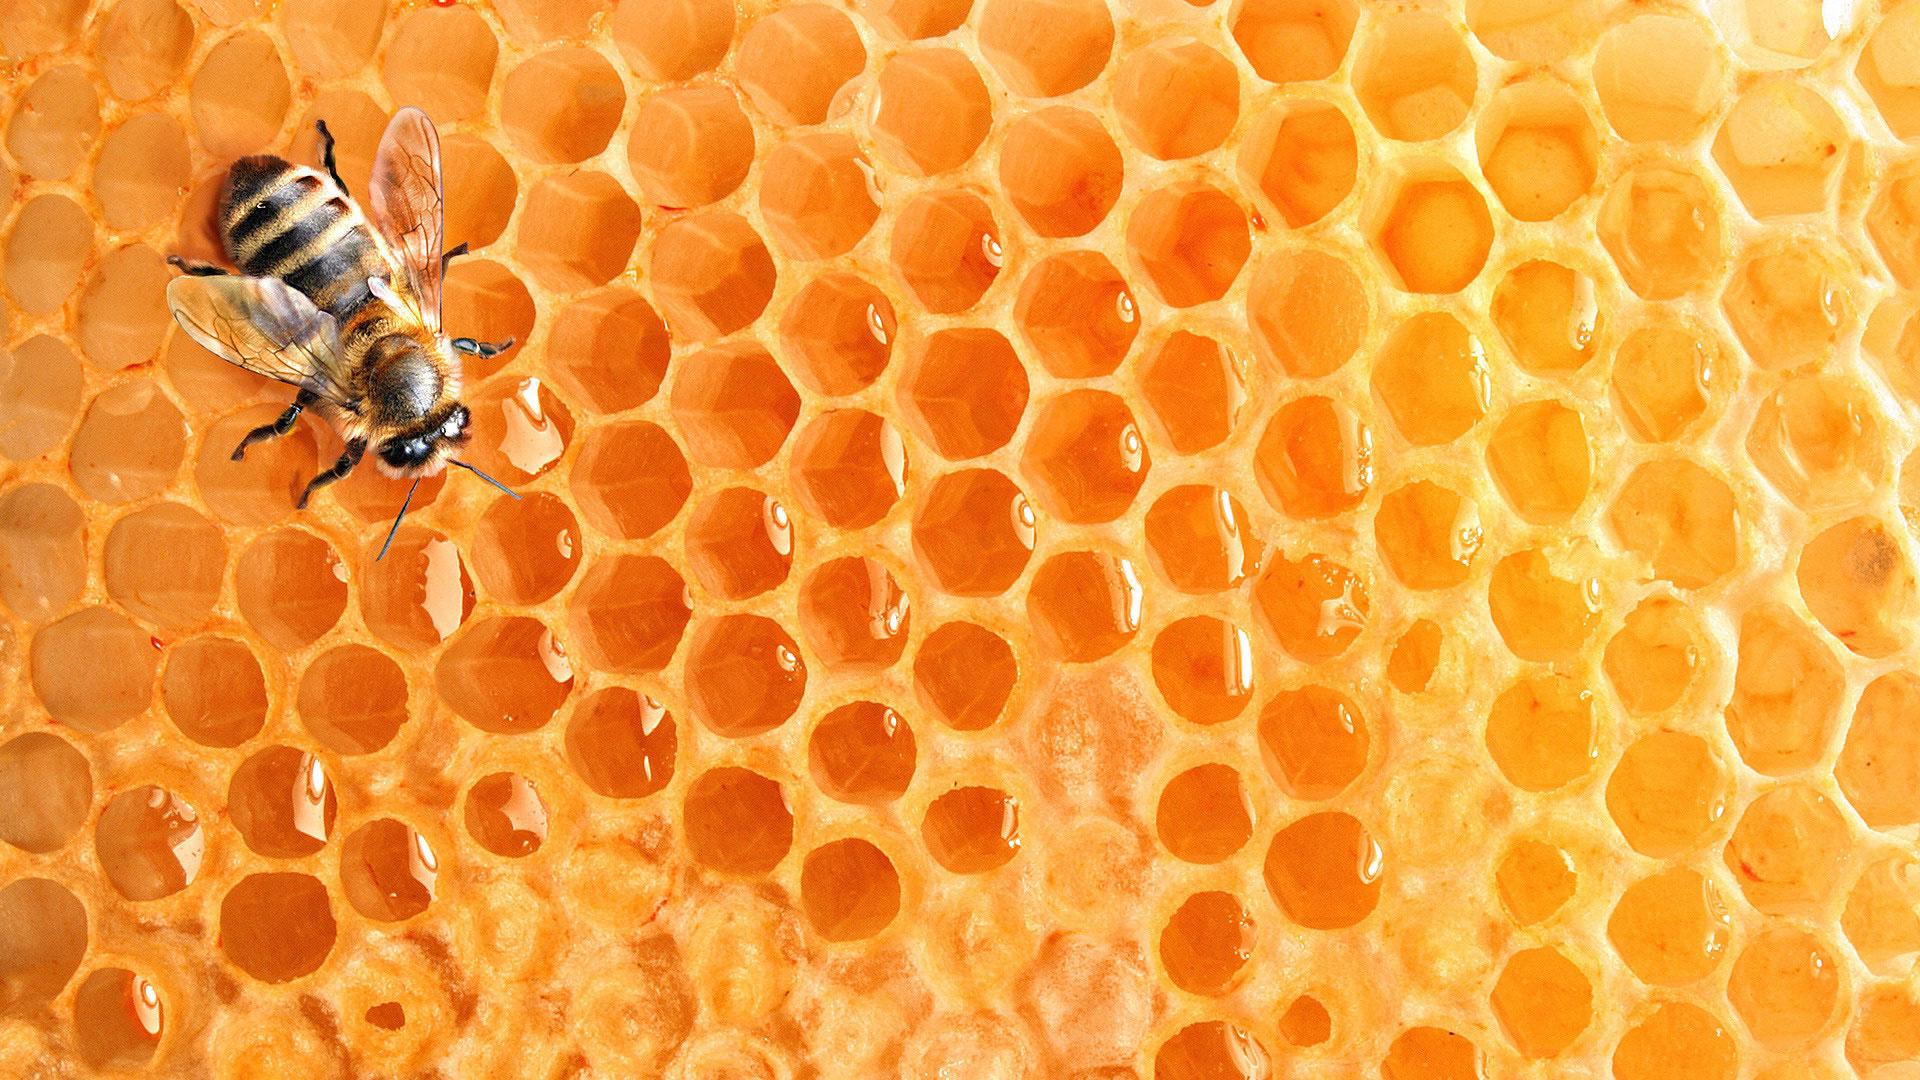 соты. широкоформатные обои на рабочий стол.  Теги. насекомое.  Раздел.  Животные. пчела. воск. мед...